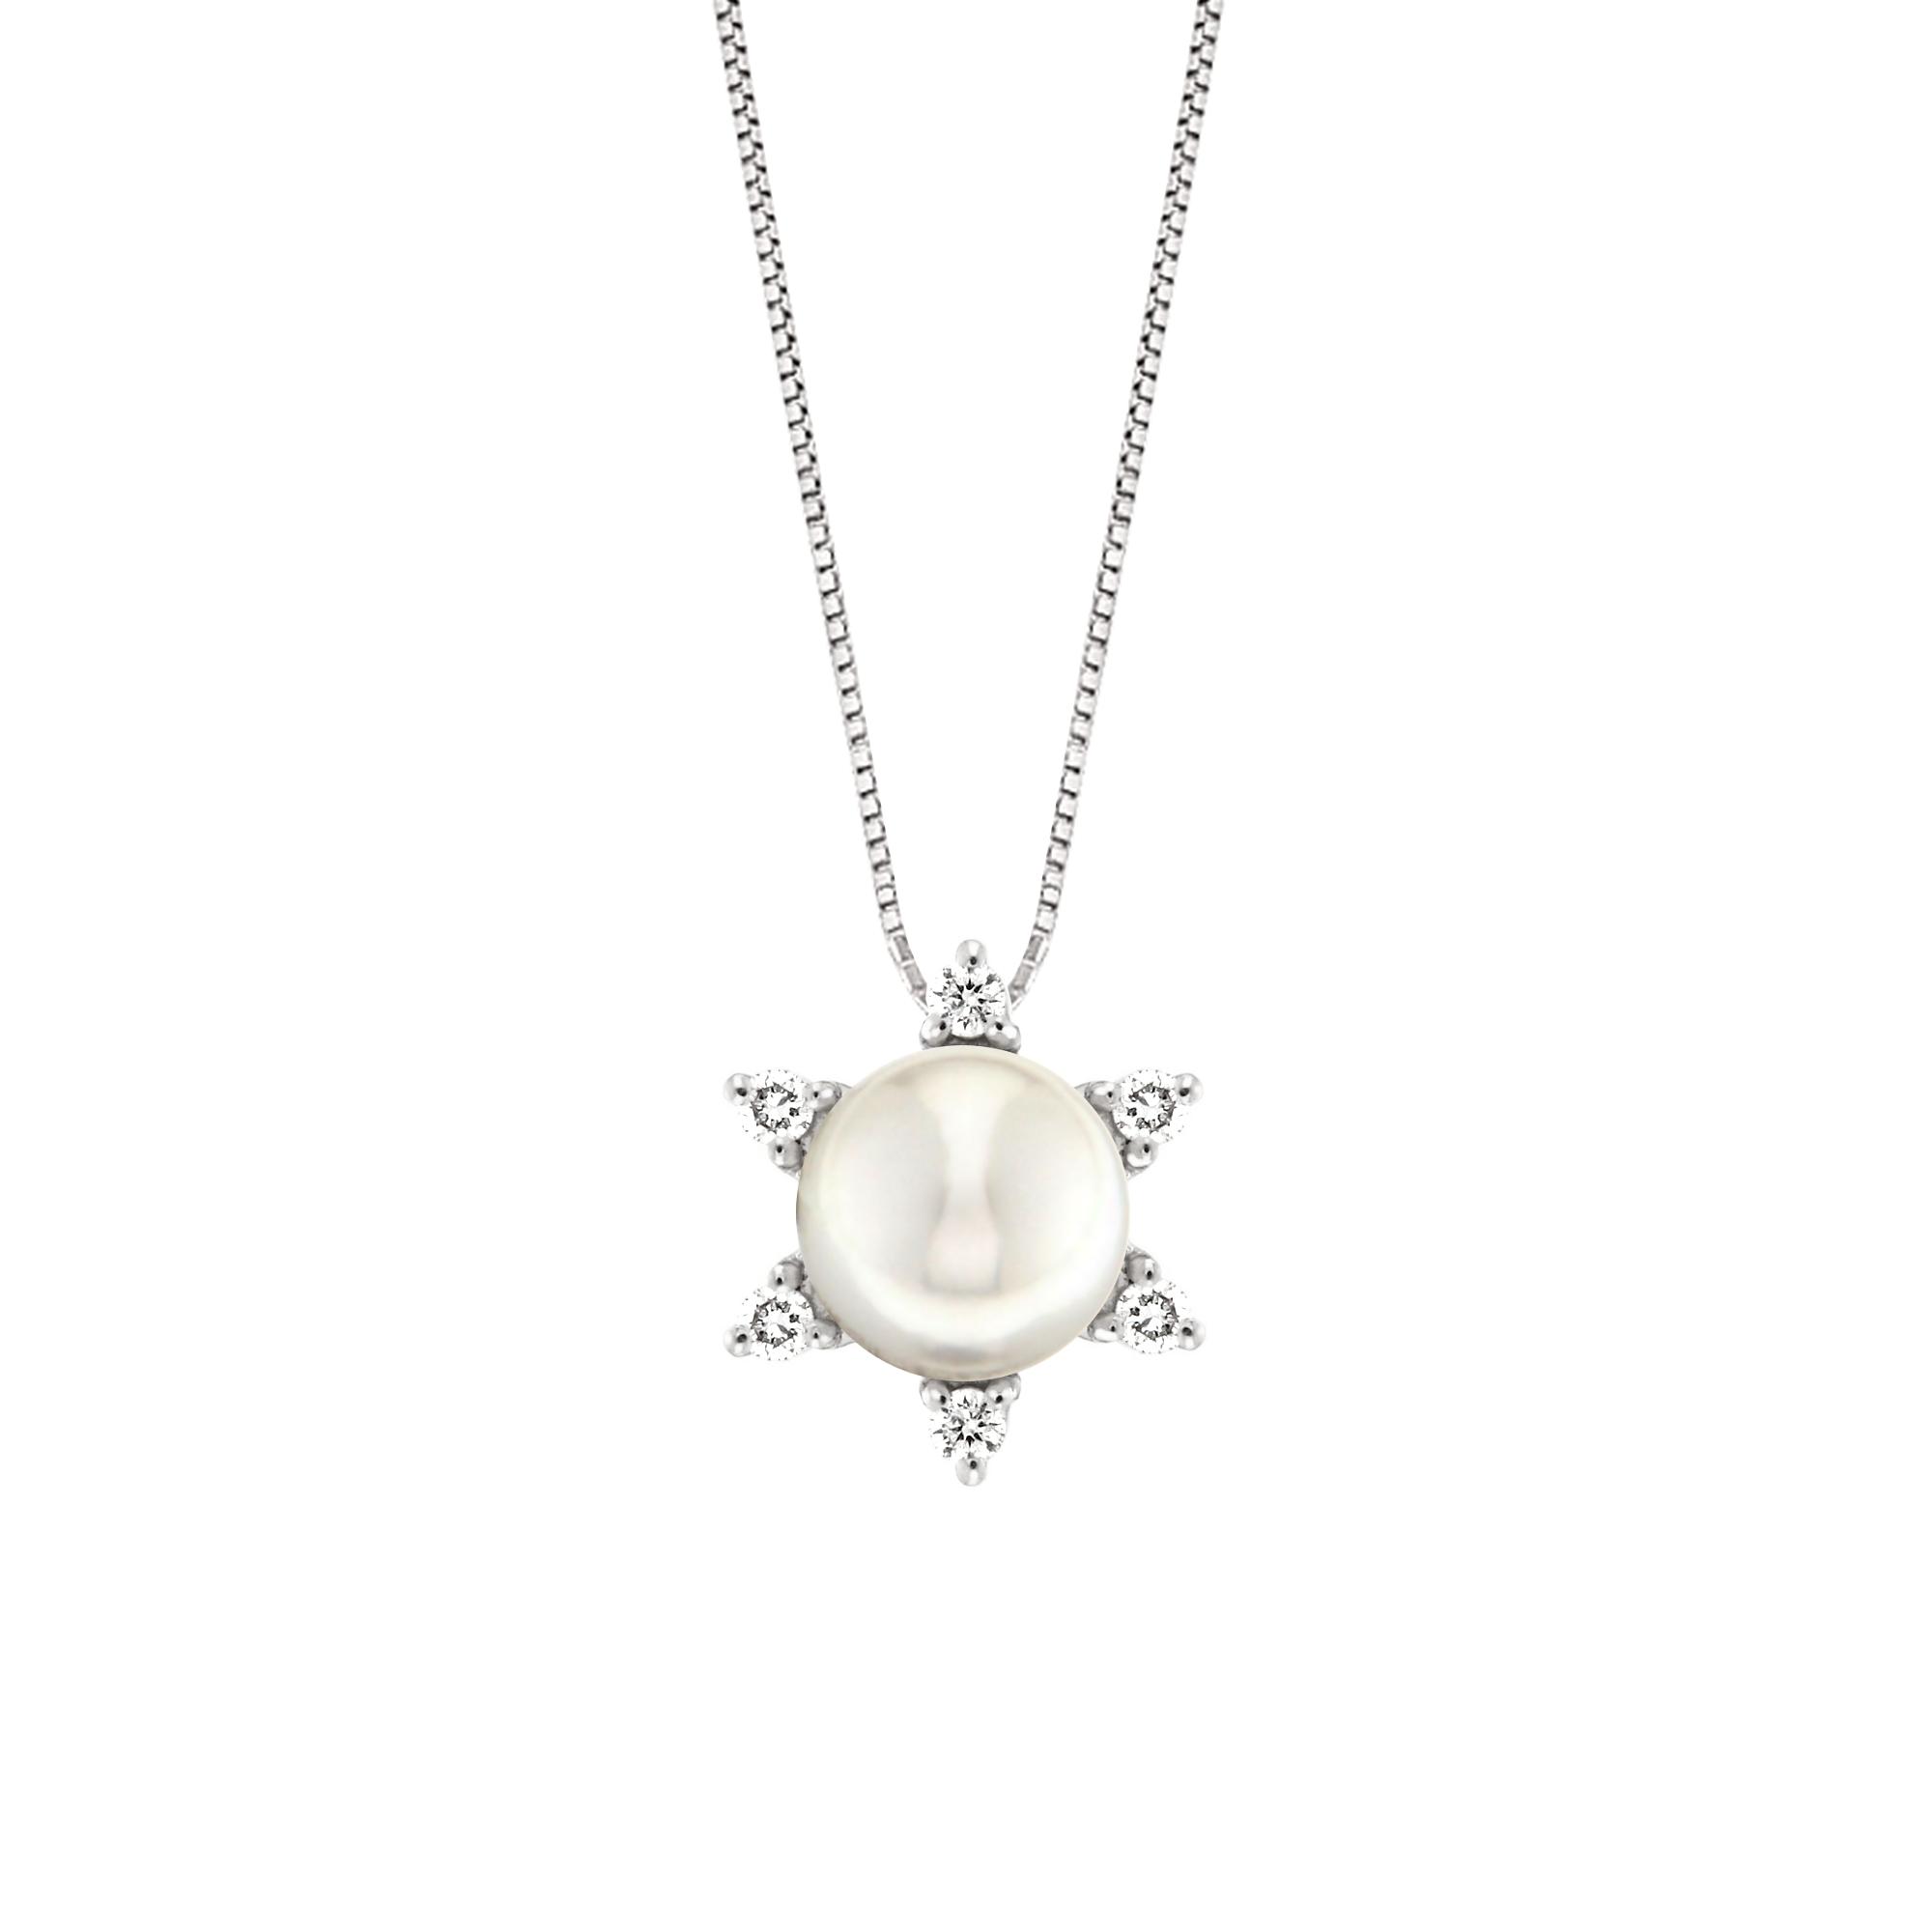 Lantisor din aur 18K cu pandantiv cu perla 0,50 gr. si diamante 0,12 ct., model Orsini CI1364